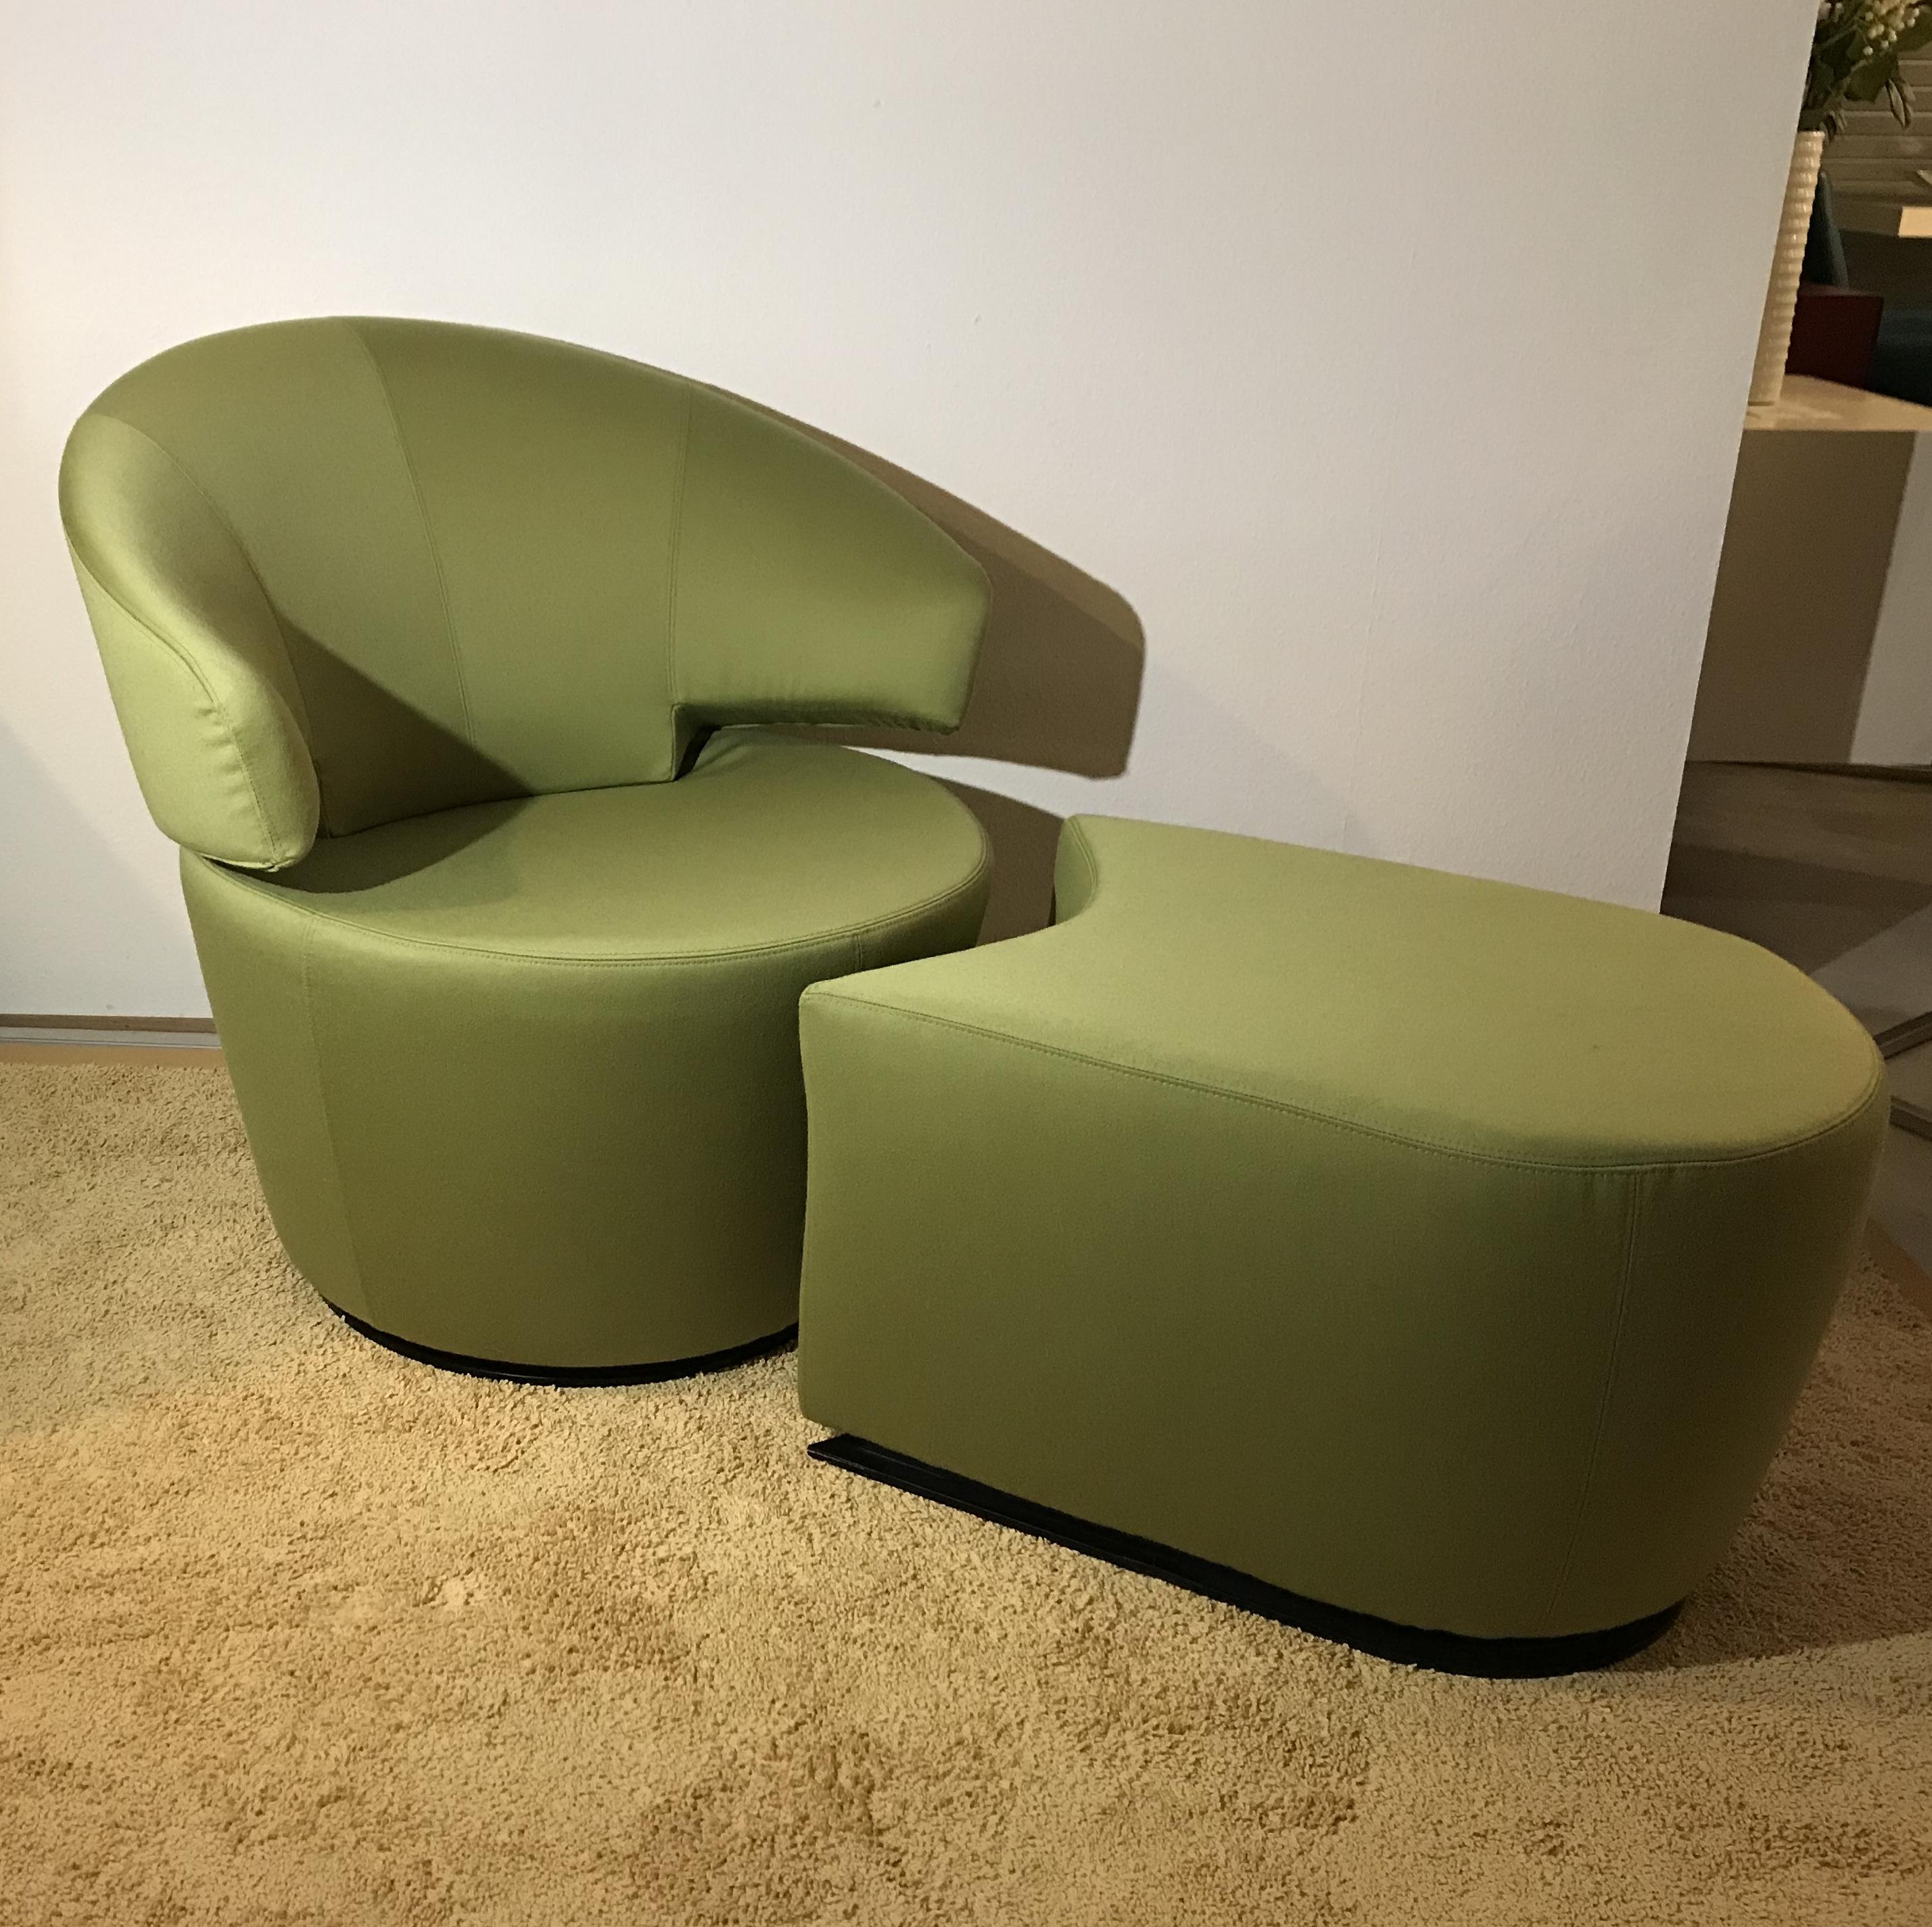 Mein Ausstellungsstuck Sessel Drehbar Mit Hocker Trick Werhter Mobelmanufaktur